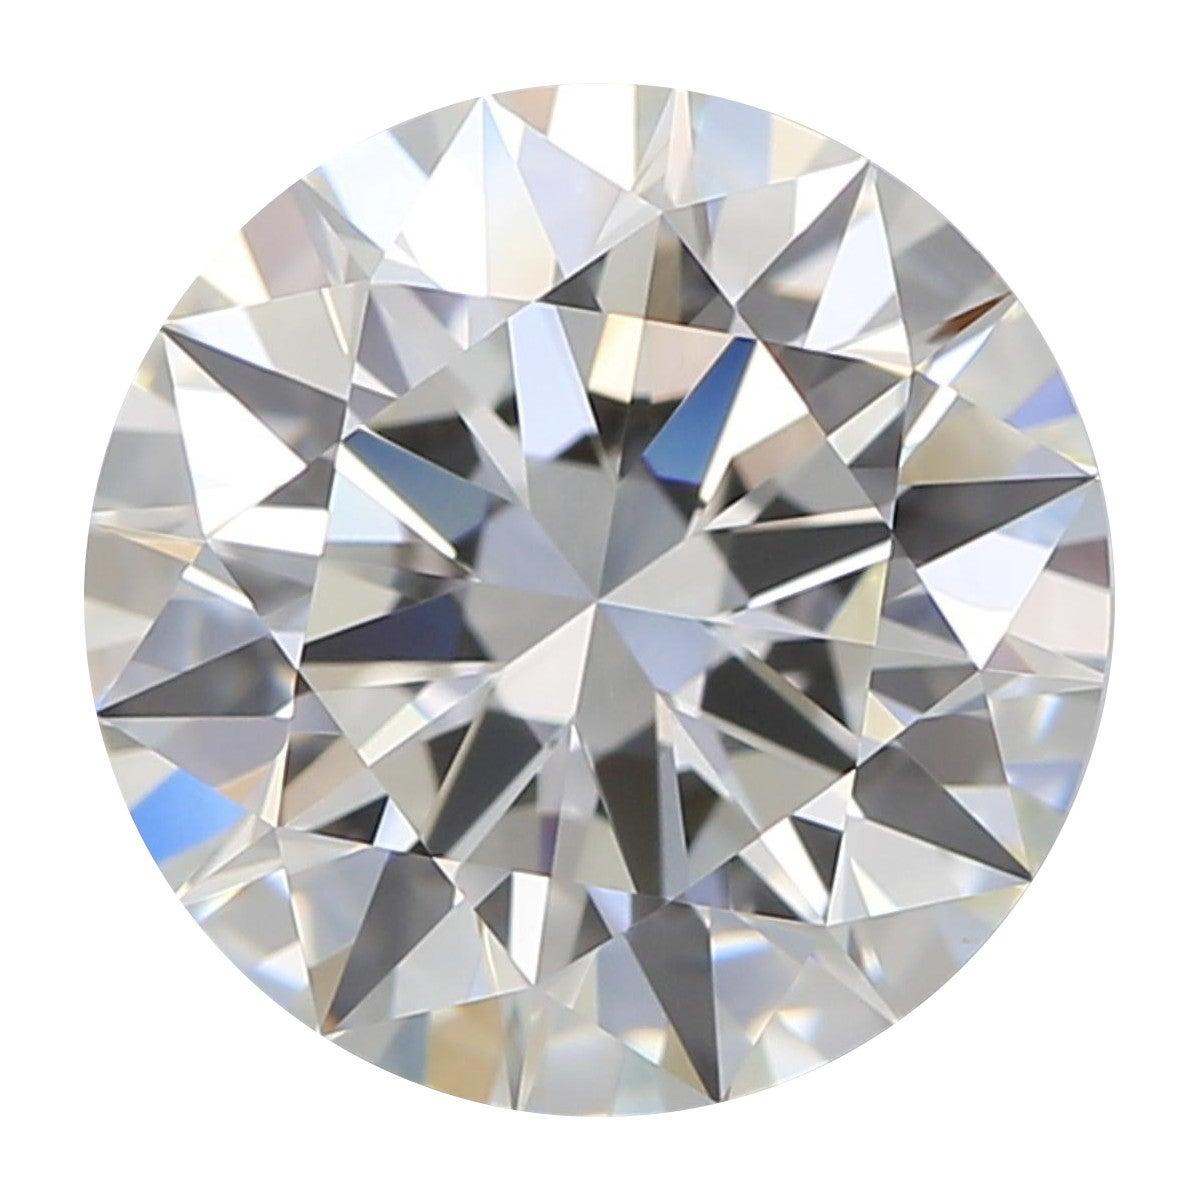 HRD Certified F.VS1 1.02 Carat Brillant Cut Diamond